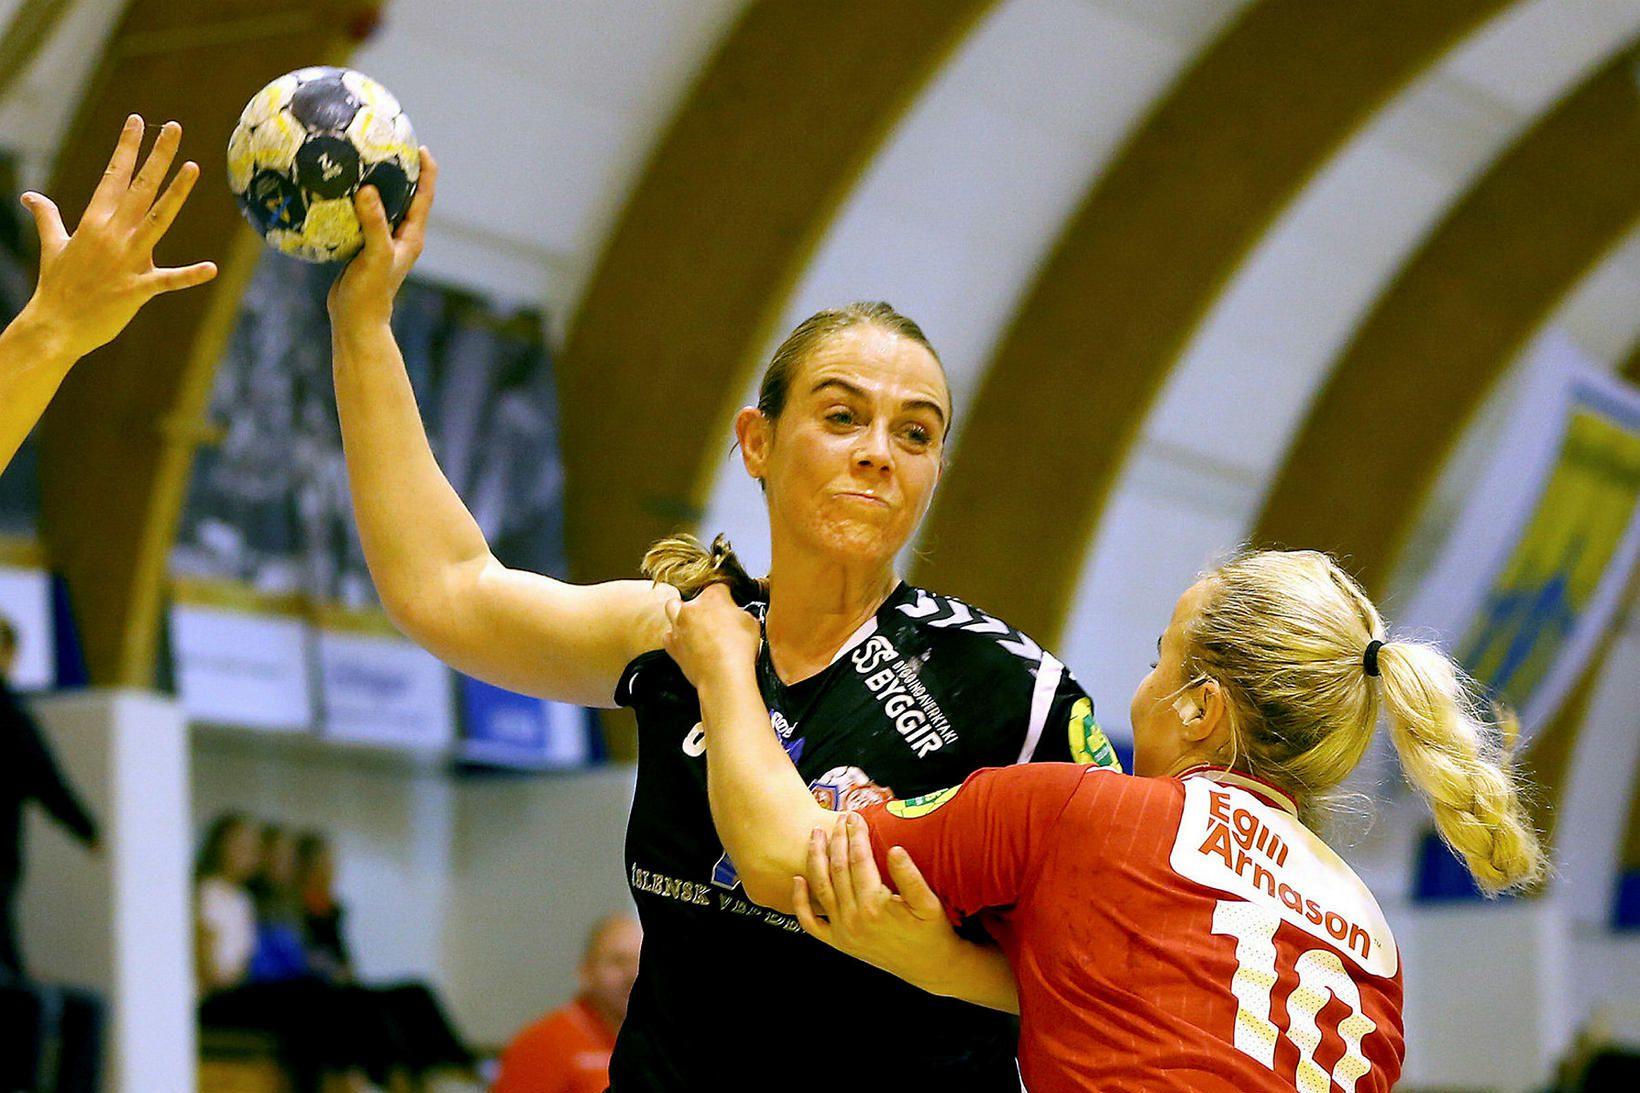 Martha Hermannsdóttir verður ekki meira með KA/Þór á þessari leiktíð.